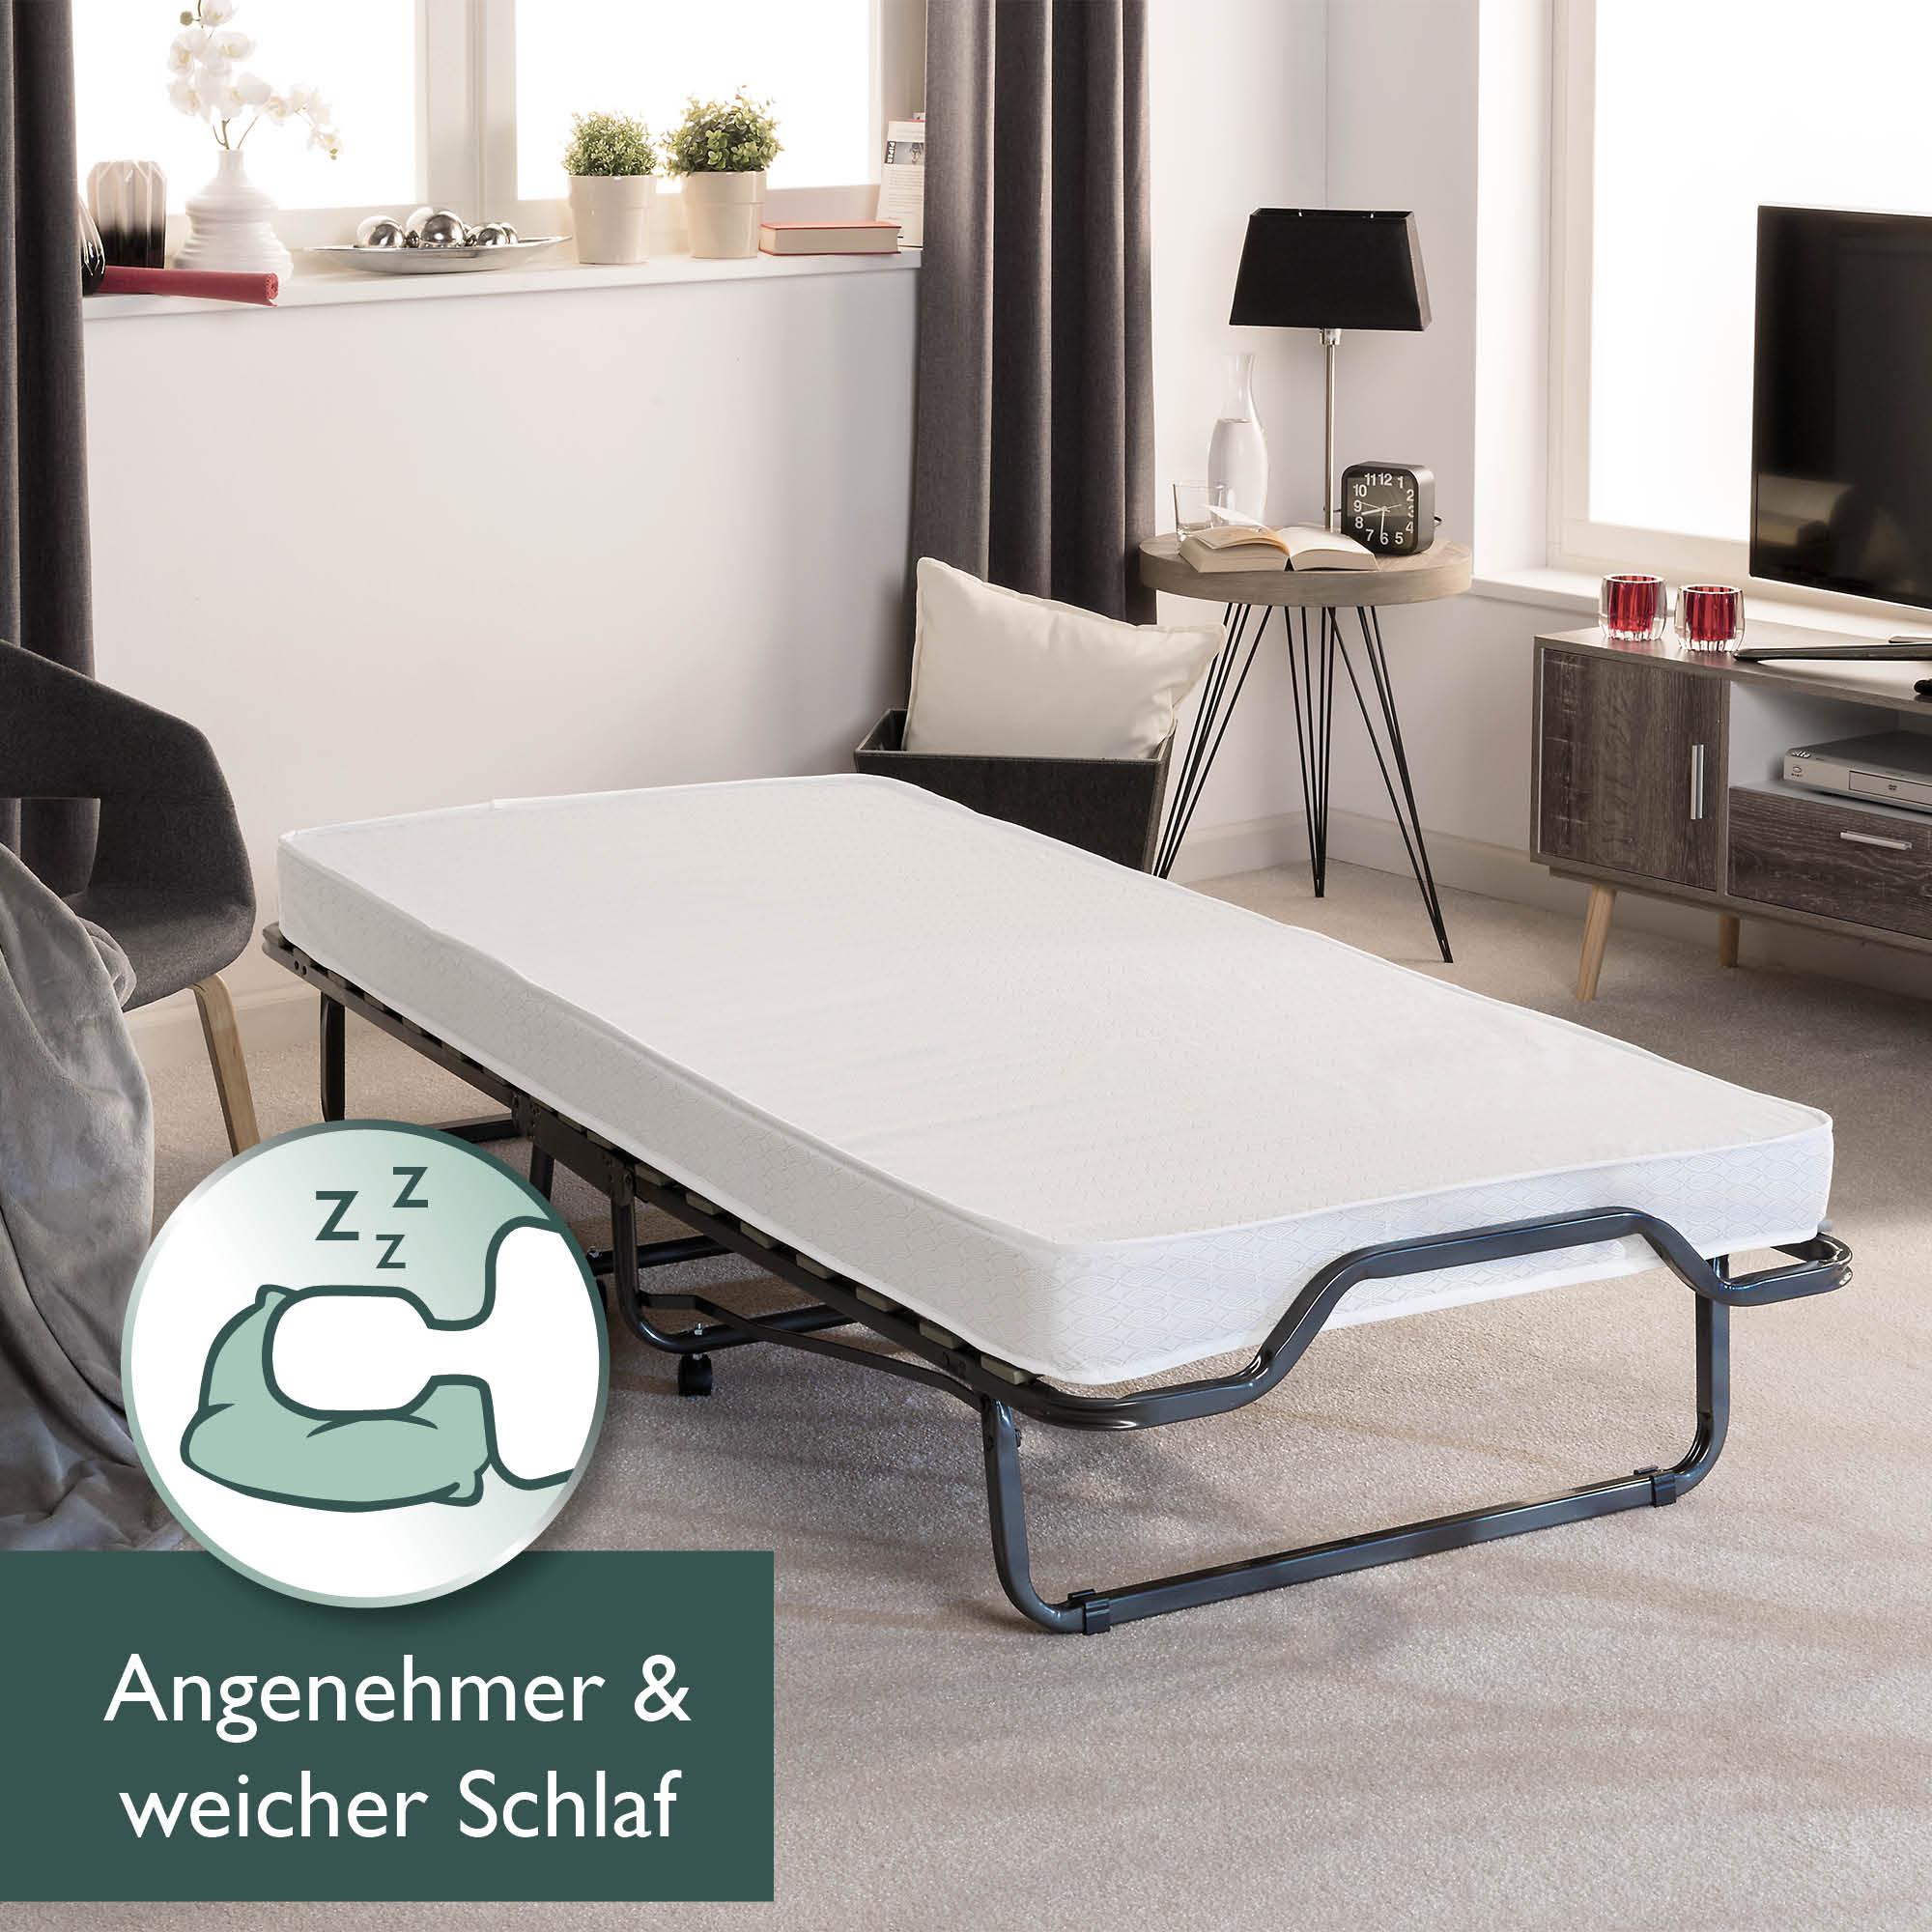 klappbett 90x200 cm g stebett mit matratze klappbar. Black Bedroom Furniture Sets. Home Design Ideas